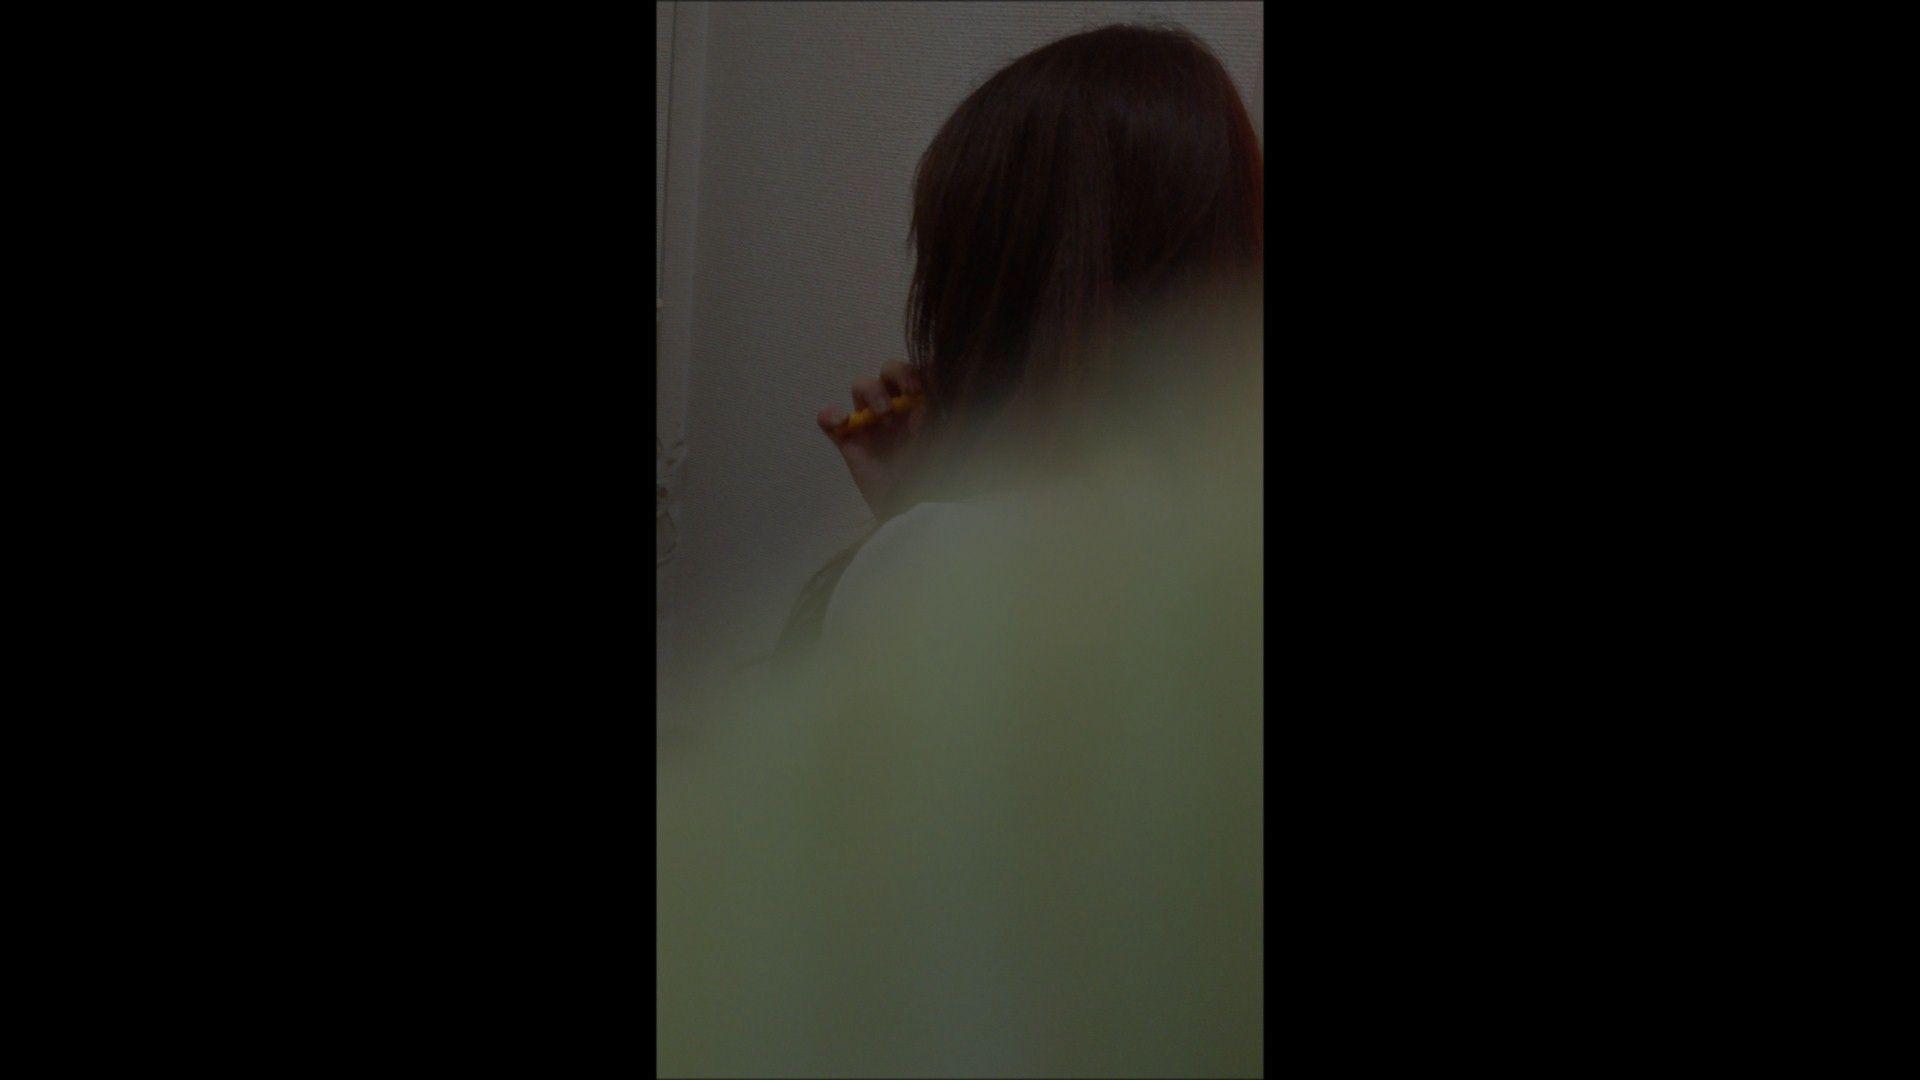 08(8日目)メイク中の彼女の顔を撮りました! マンコ特集 | オマンコ丸見え  59連発 21